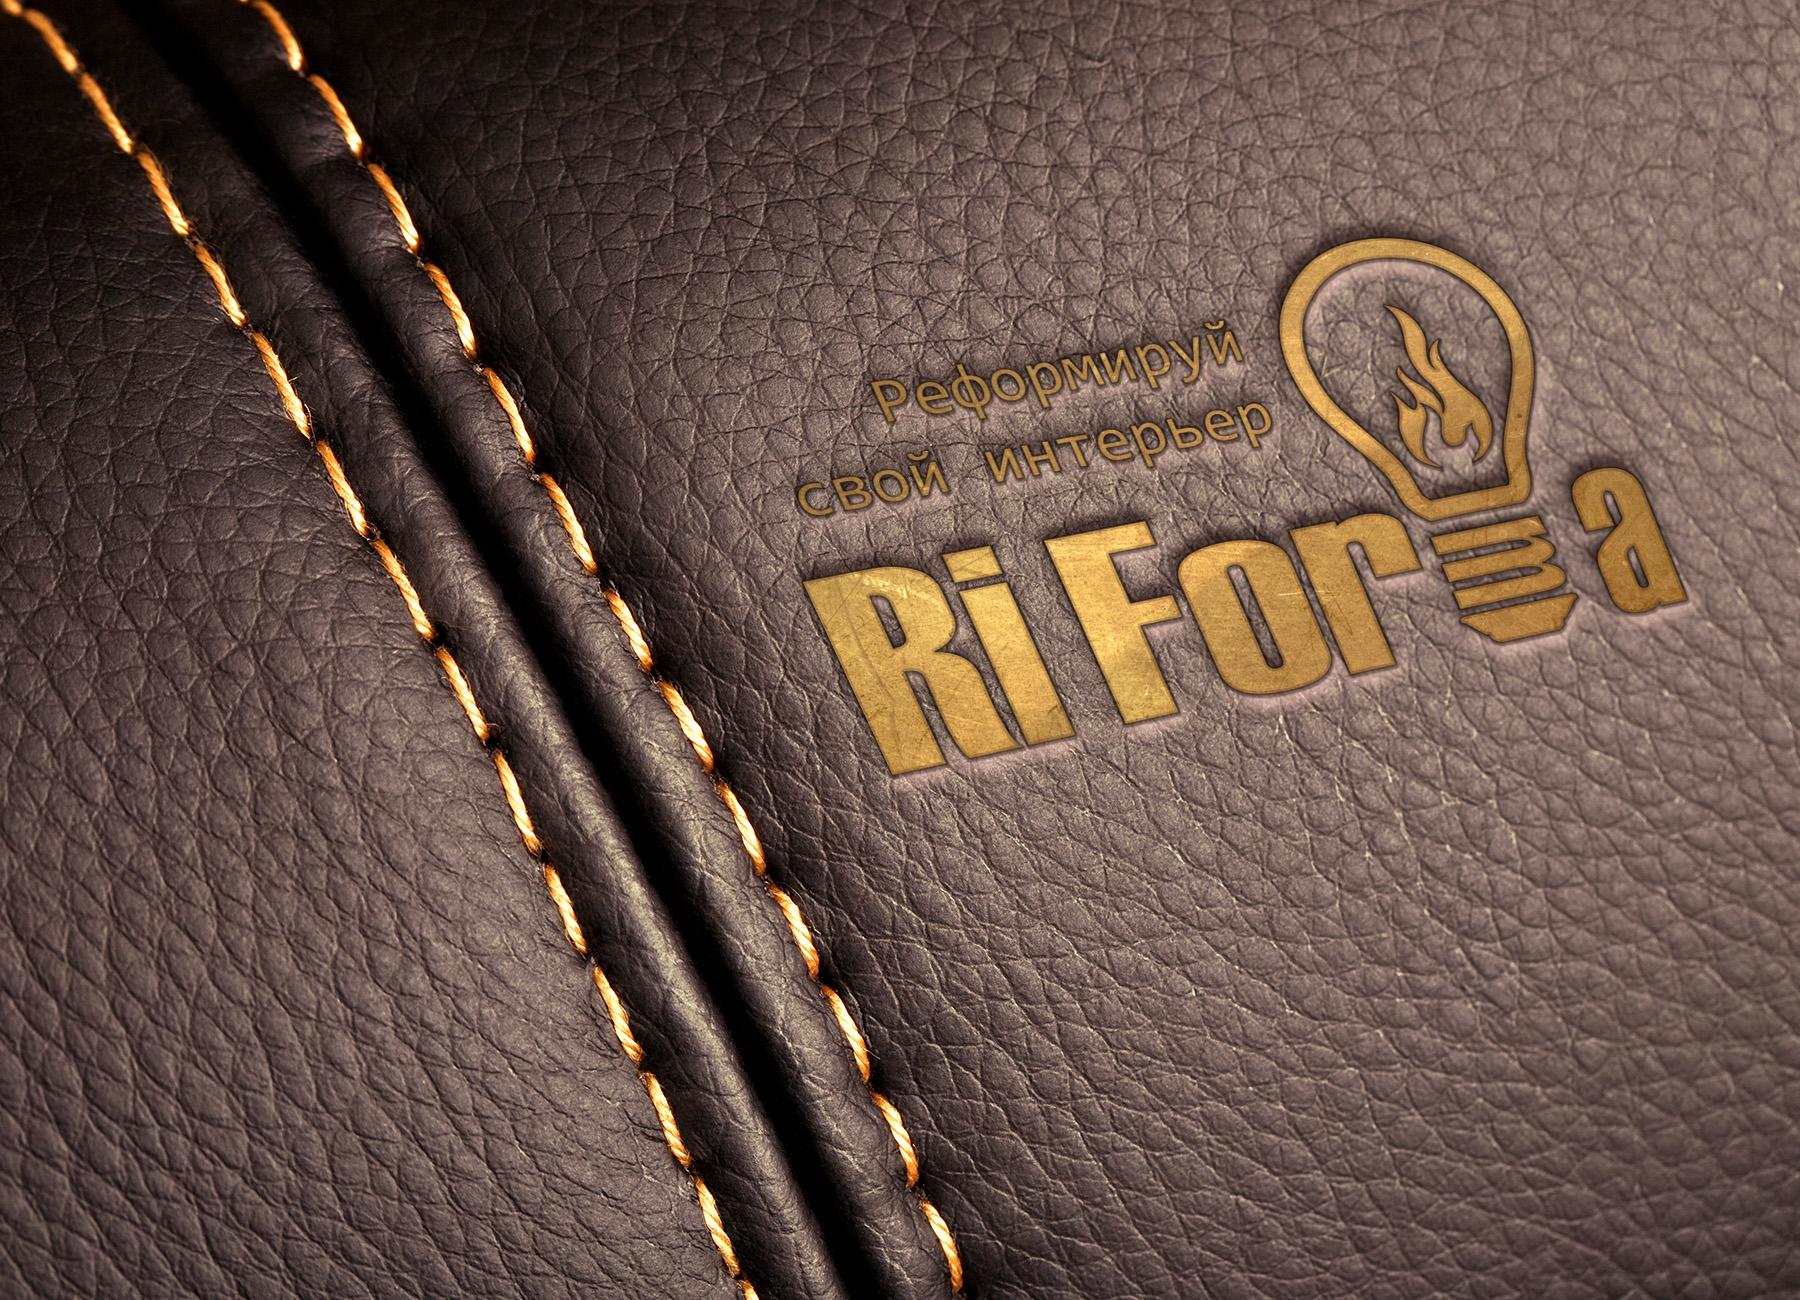 Разработка логотипа и элементов фирменного стиля фото f_75957a1b10844536.jpg